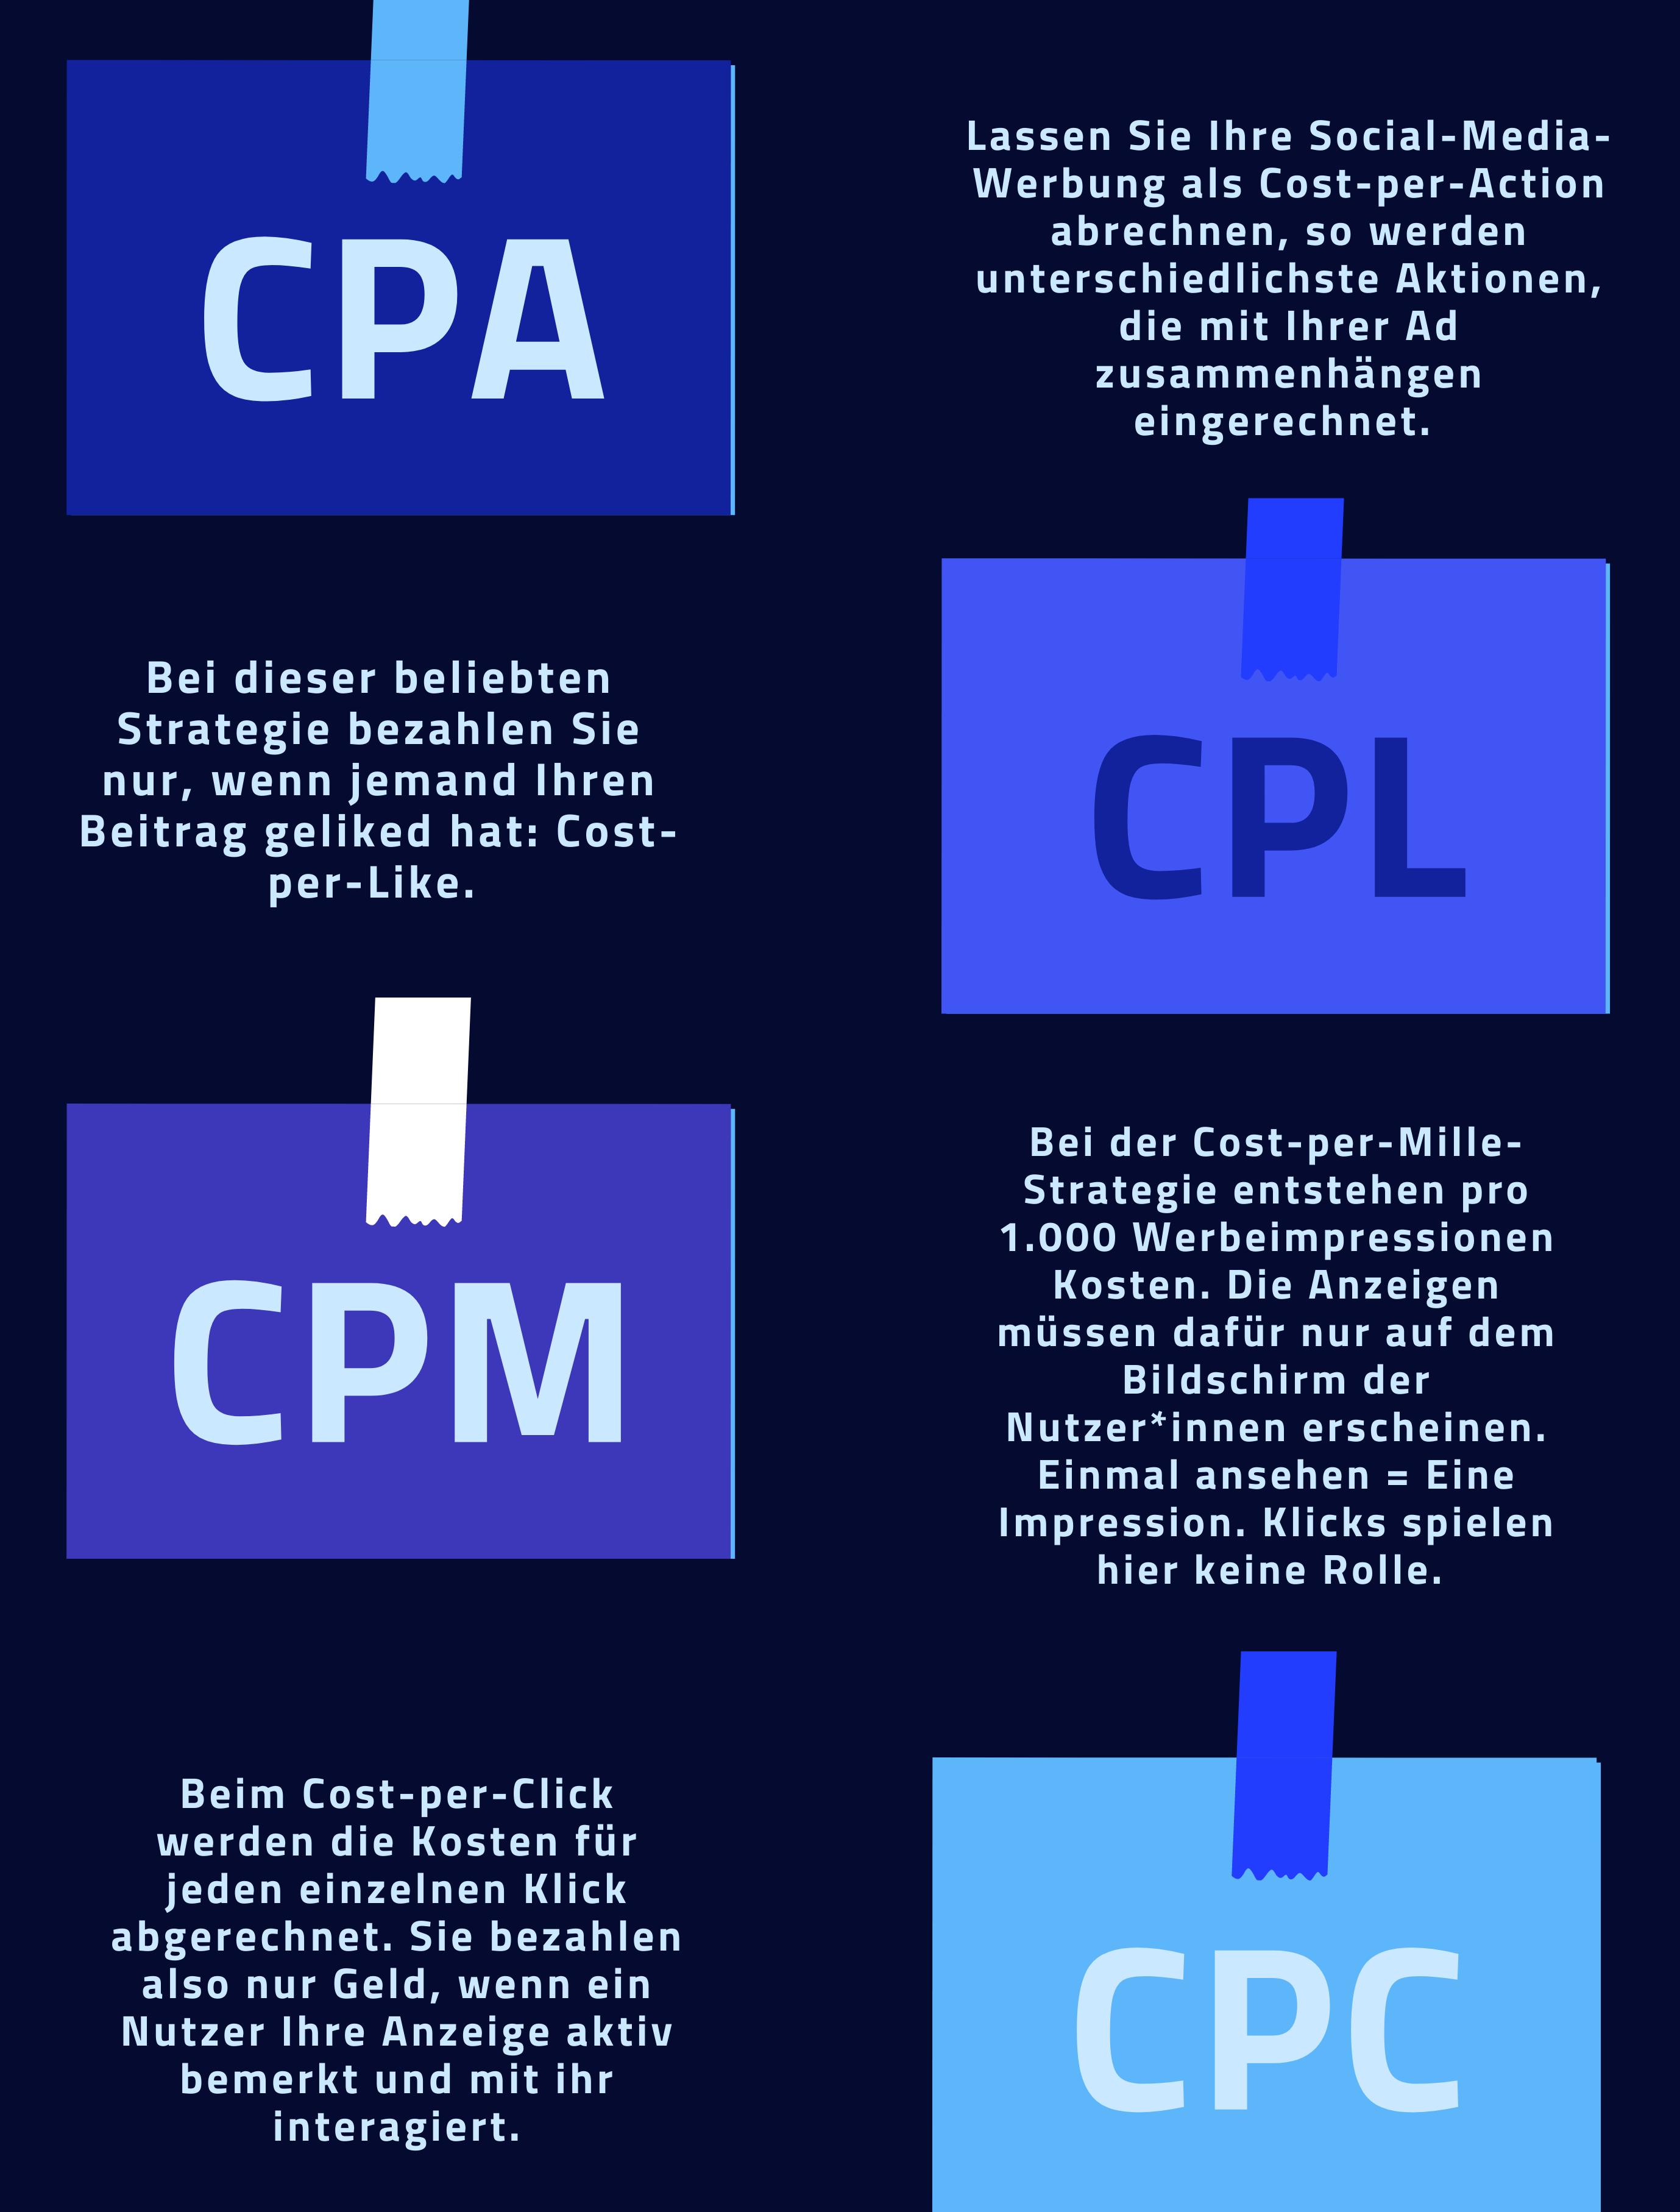 Gebotsstrategien Facebook Ads: CPC, CPL; CPA